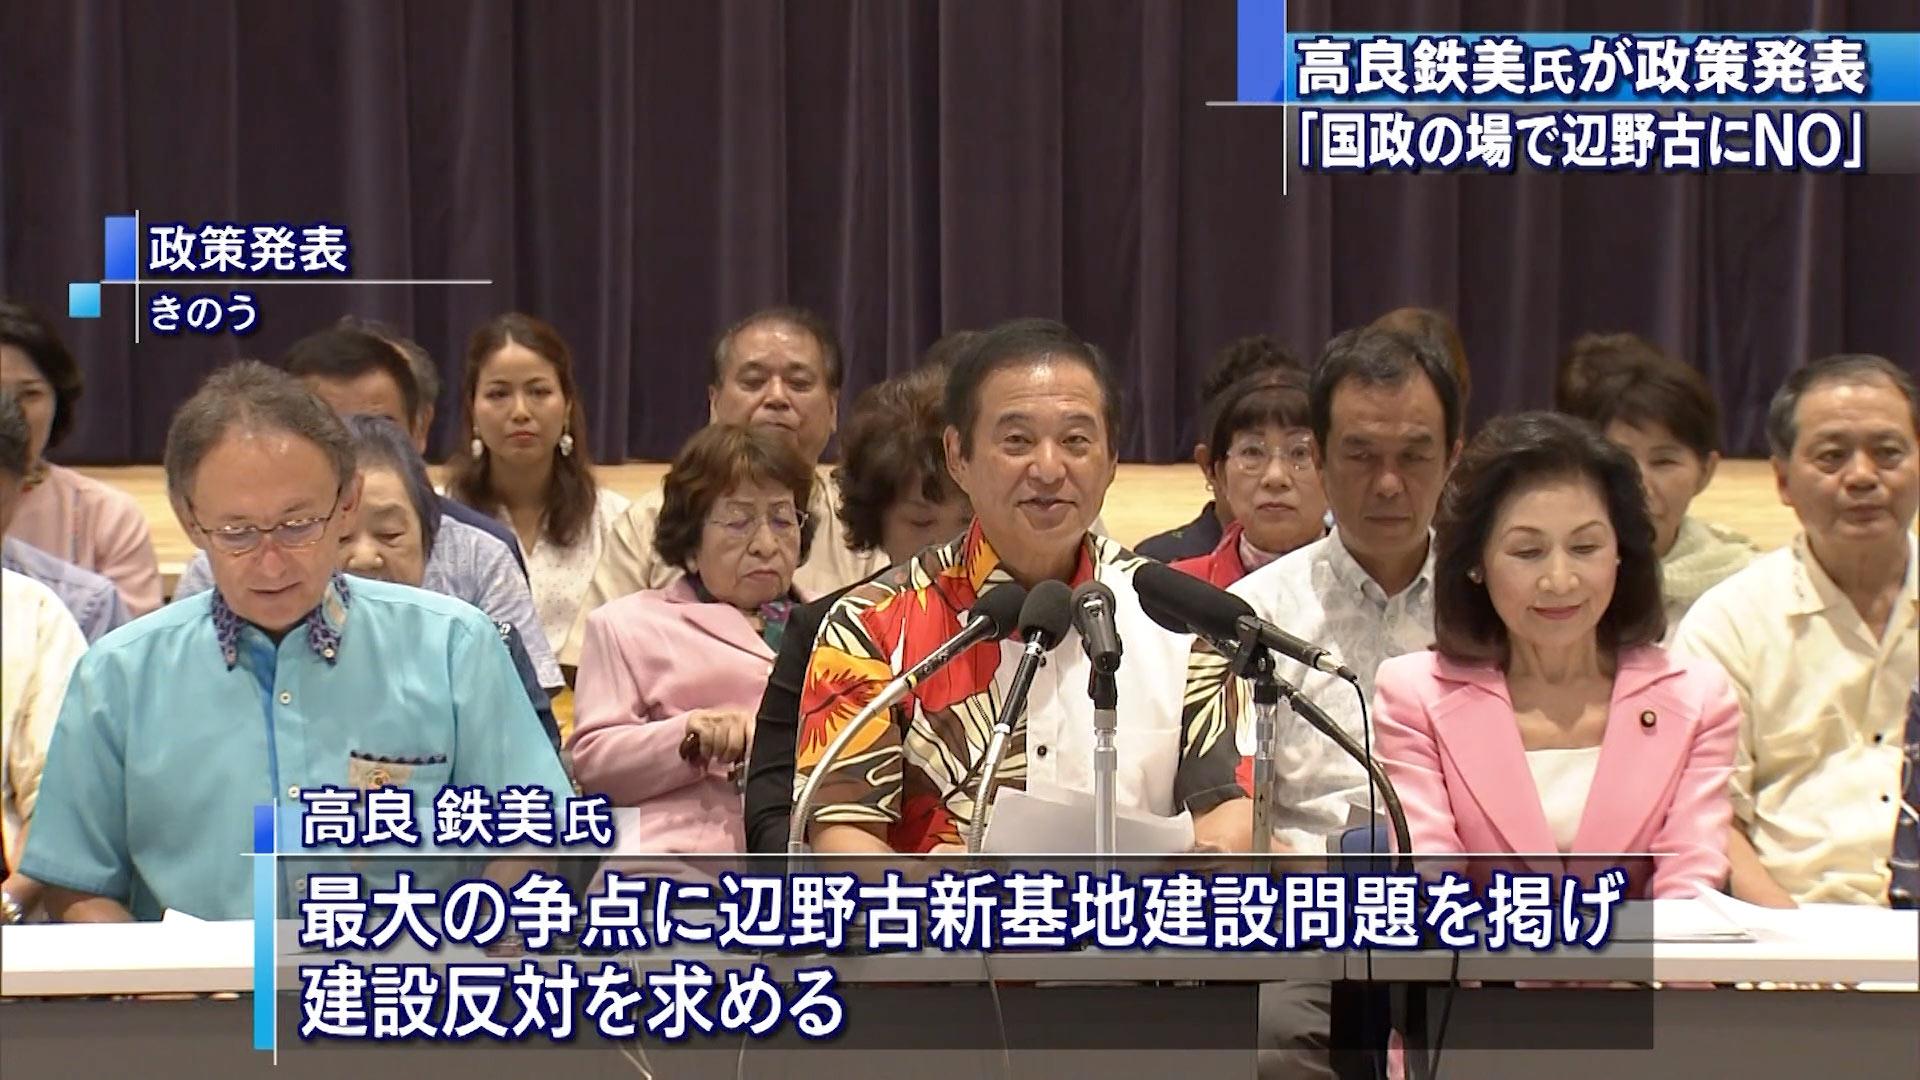 参院選に向け高良鉄美氏が政策発表